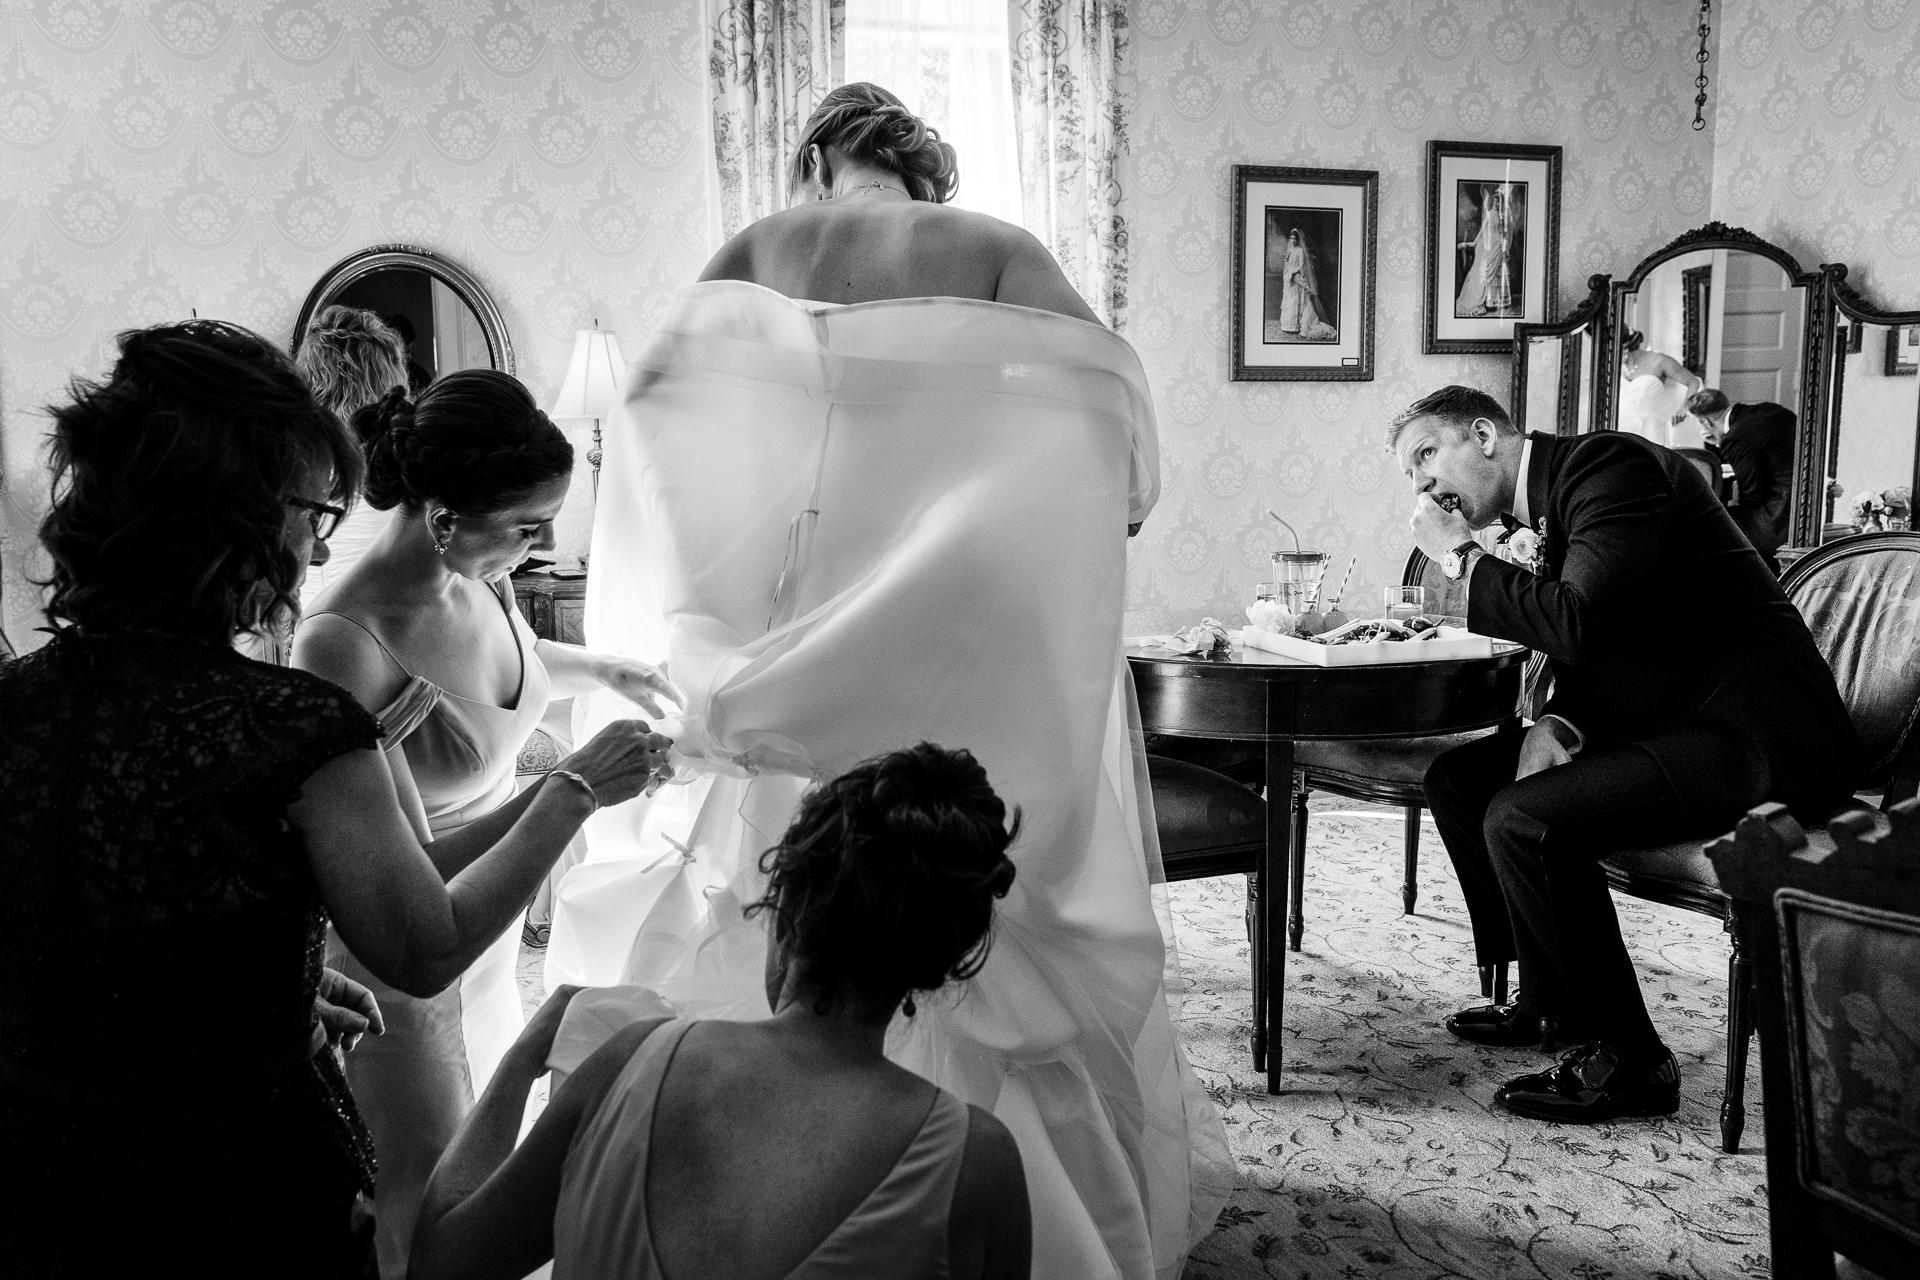 Photographie de mariage de la scène de préparation occupé | Image du marié s'amusant comme de la mariée, ses demoiselles d'honneur et sa mère essayant de l'attiser pour le cocktail